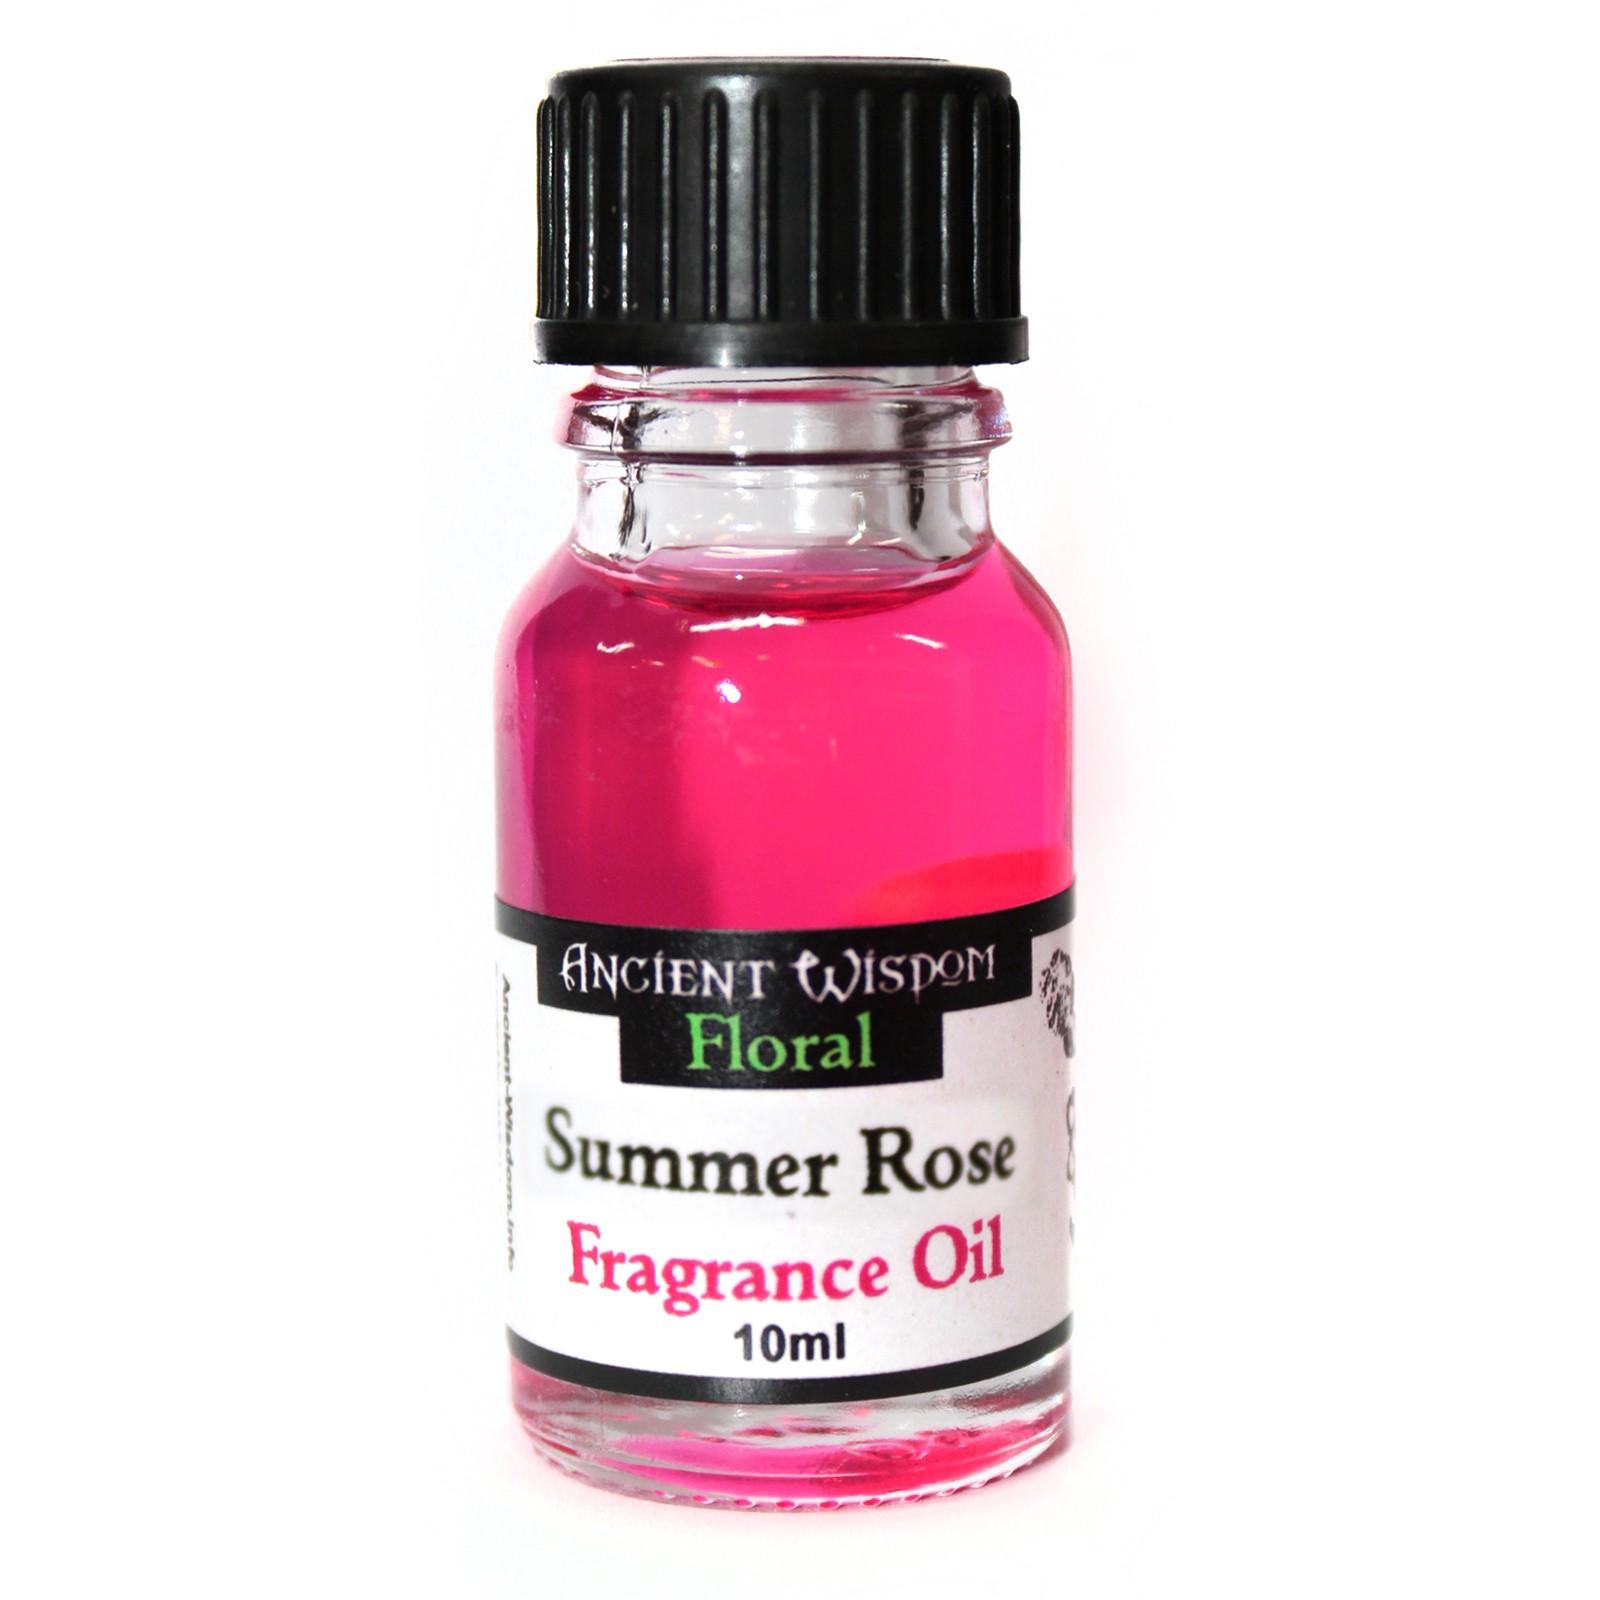 10ml Summer Rose Fragrance Oil